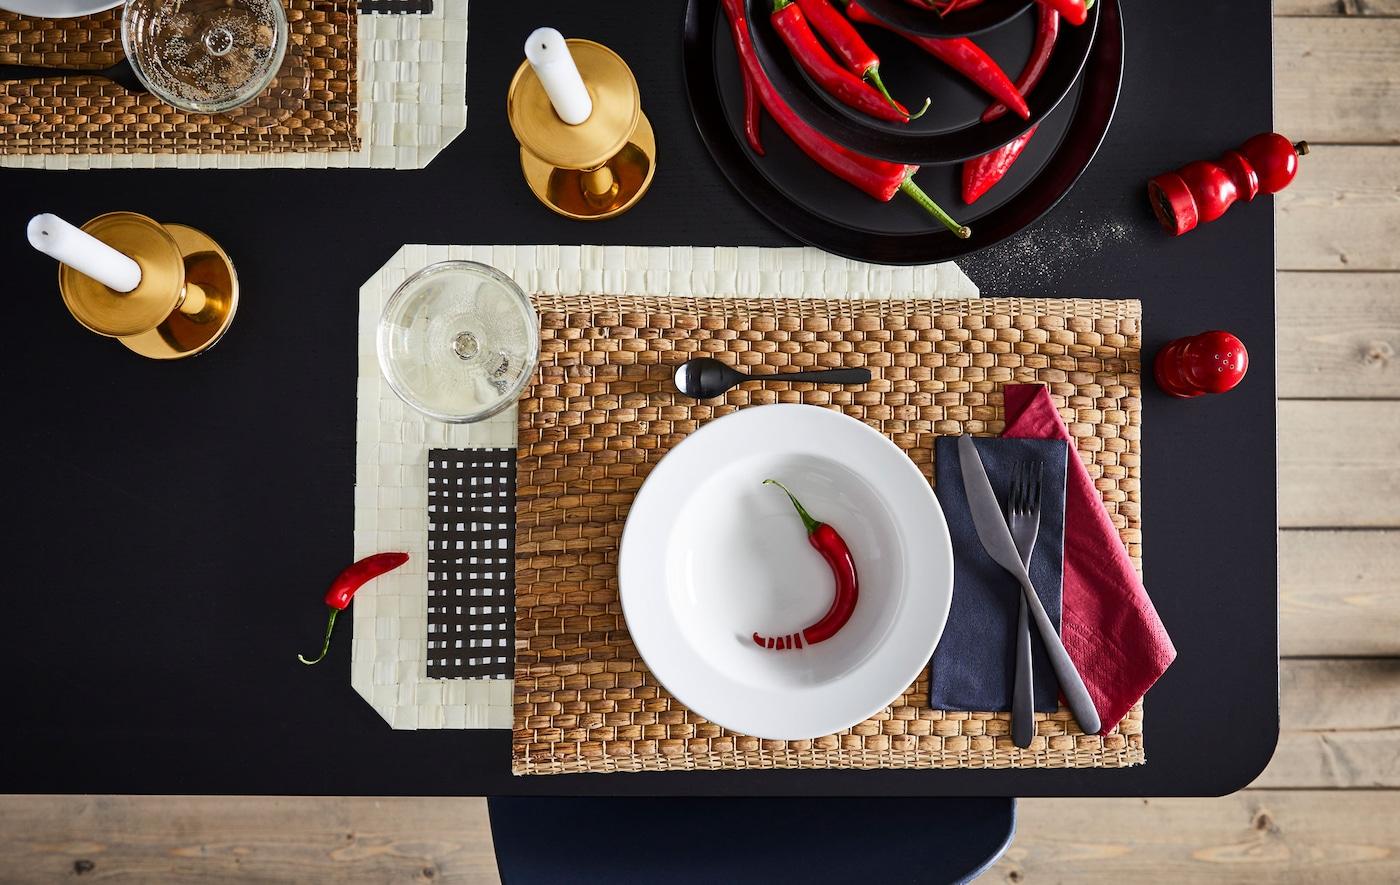 Una tavola apparecchiata per uno con una combinazione artistica di forme, colori e materiali - IKEA